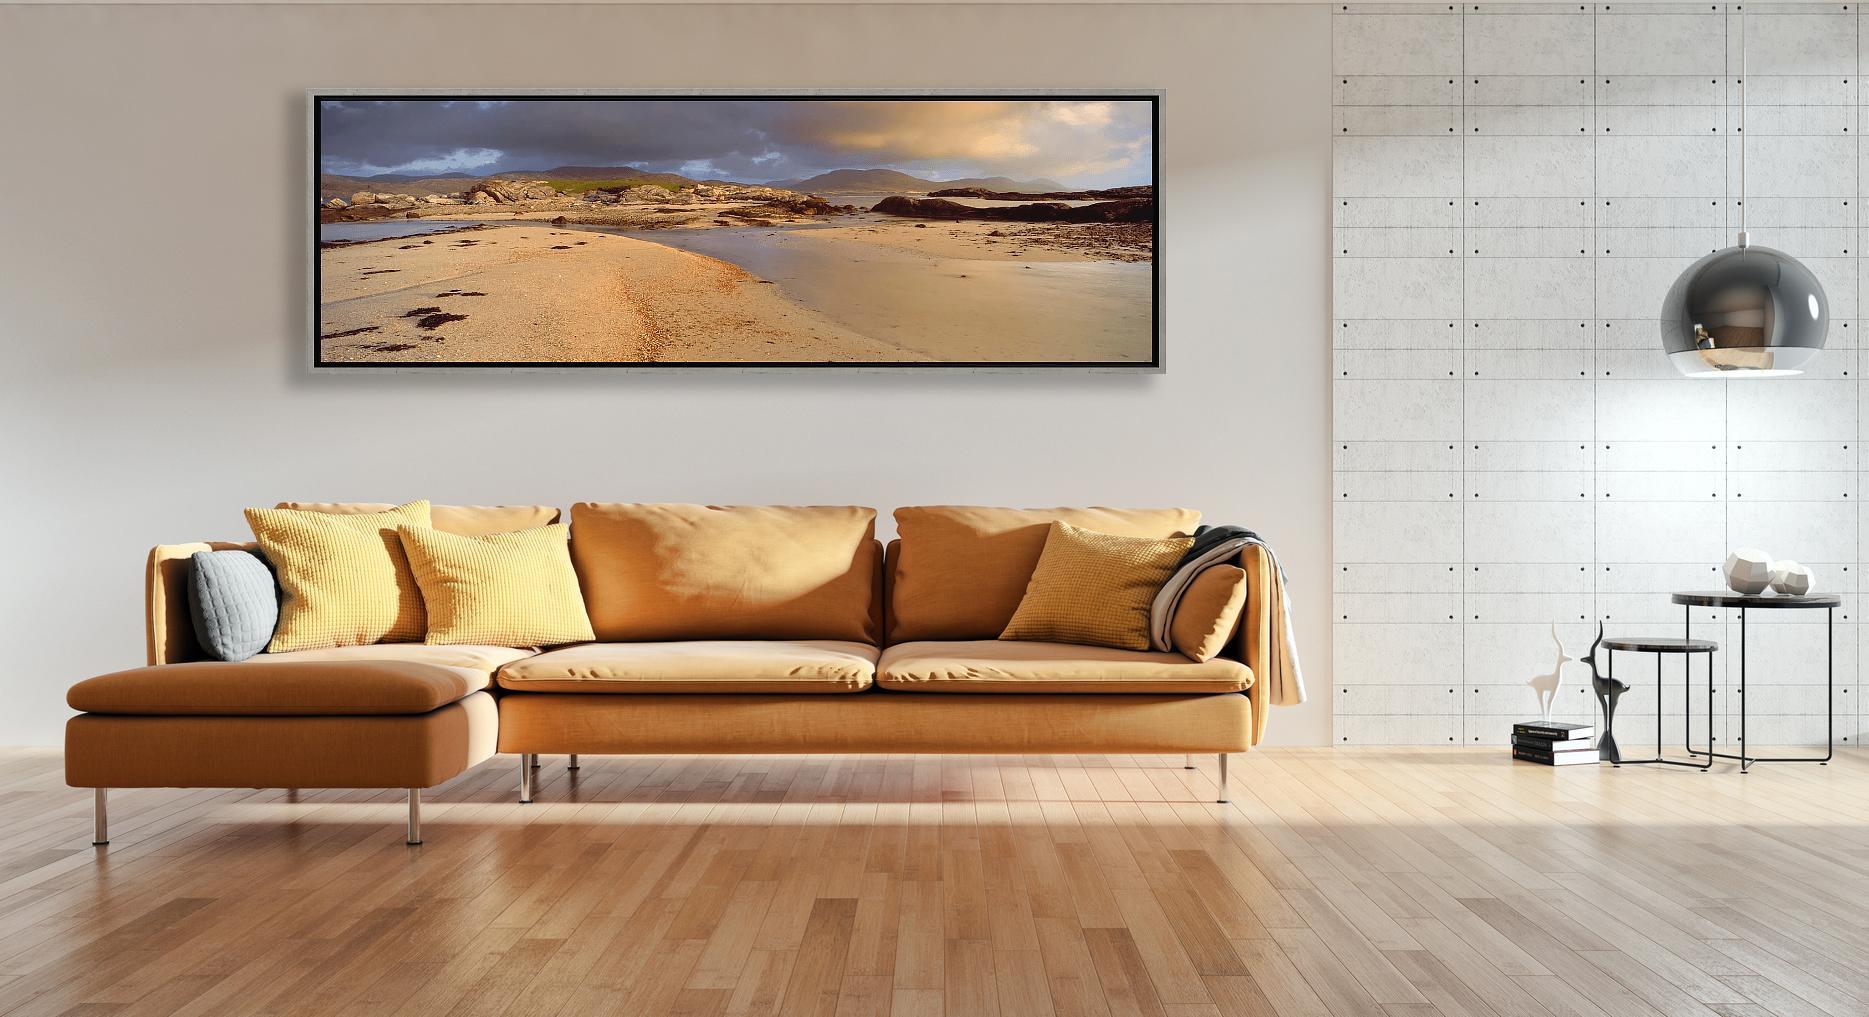 wandbild • bilder & ideen • couchstyle, Wohnzimmer dekoo